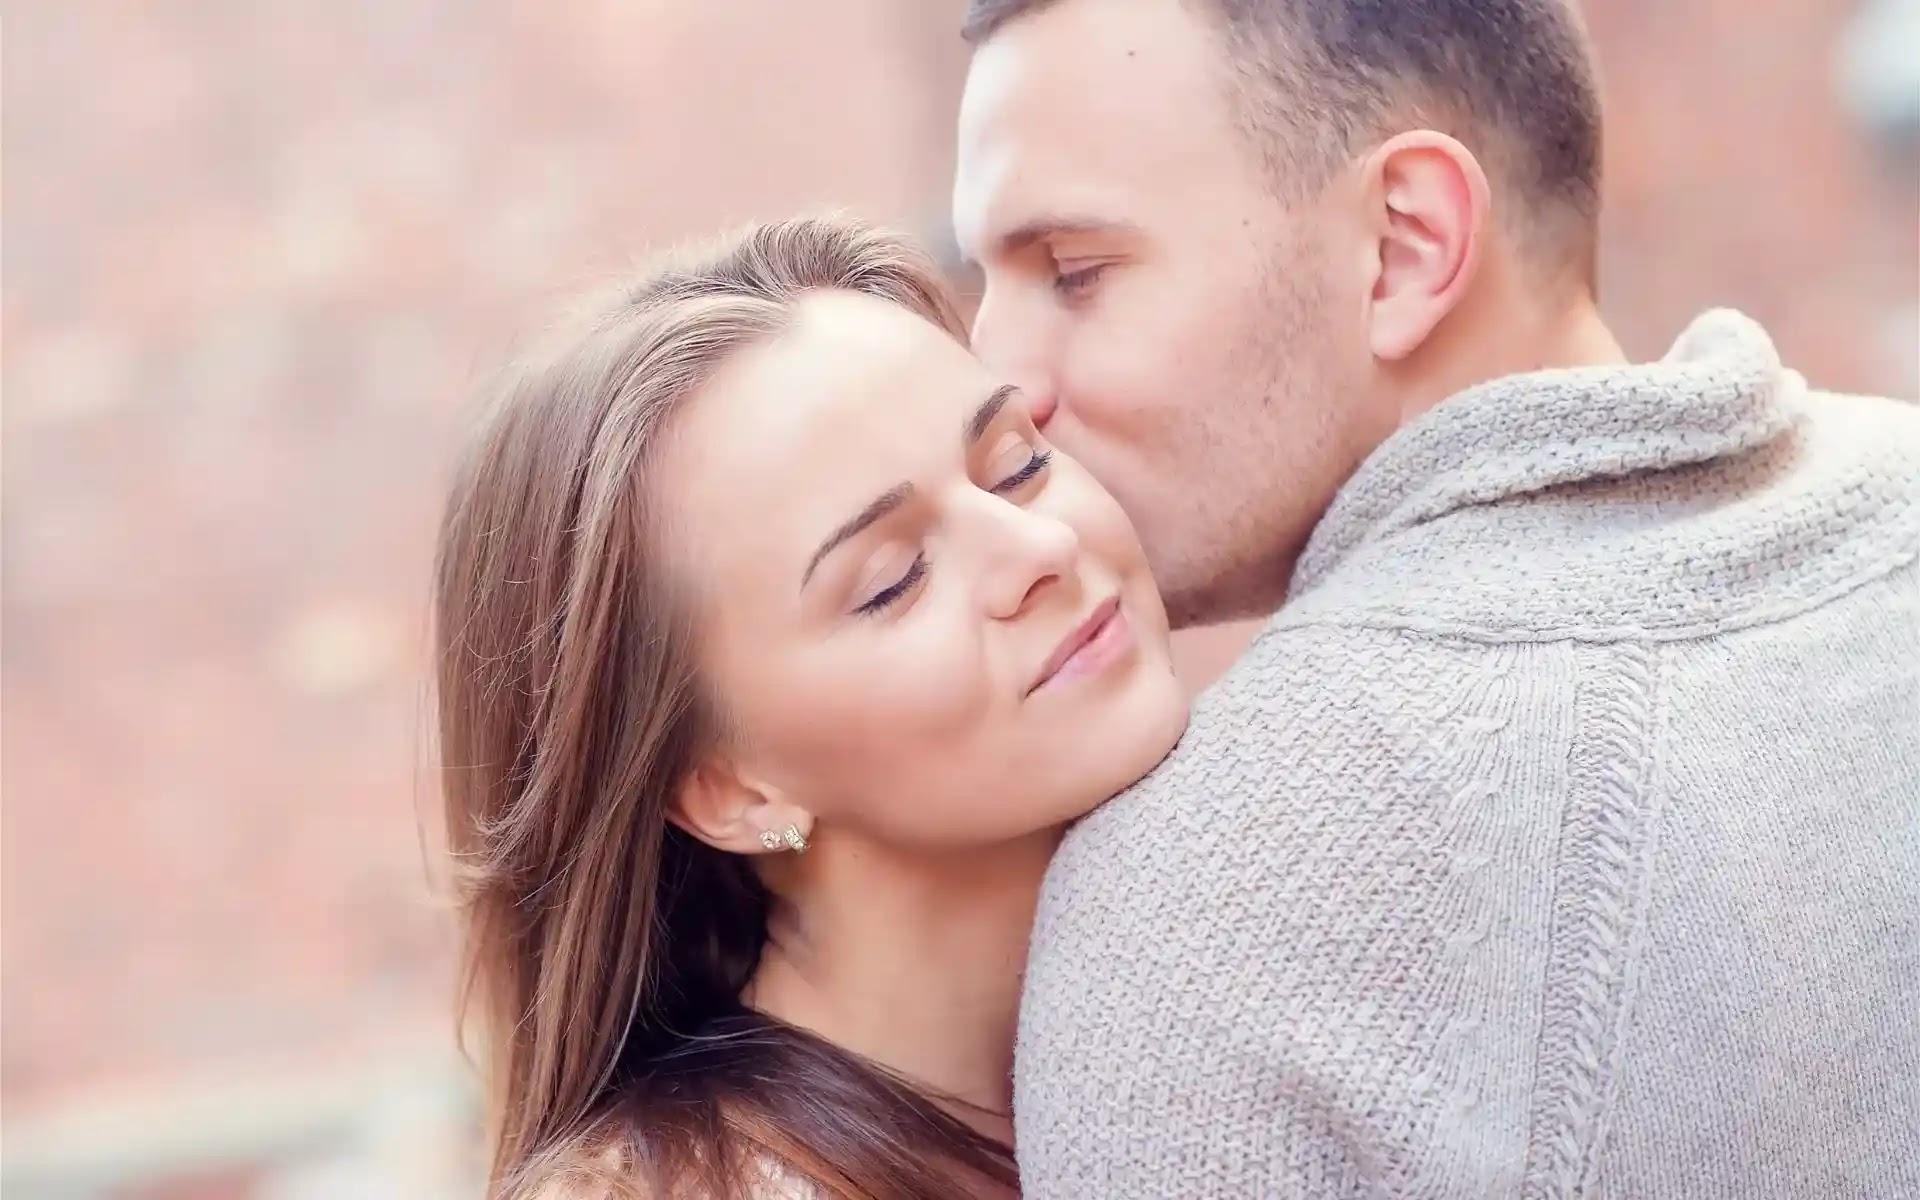 couple profile picture